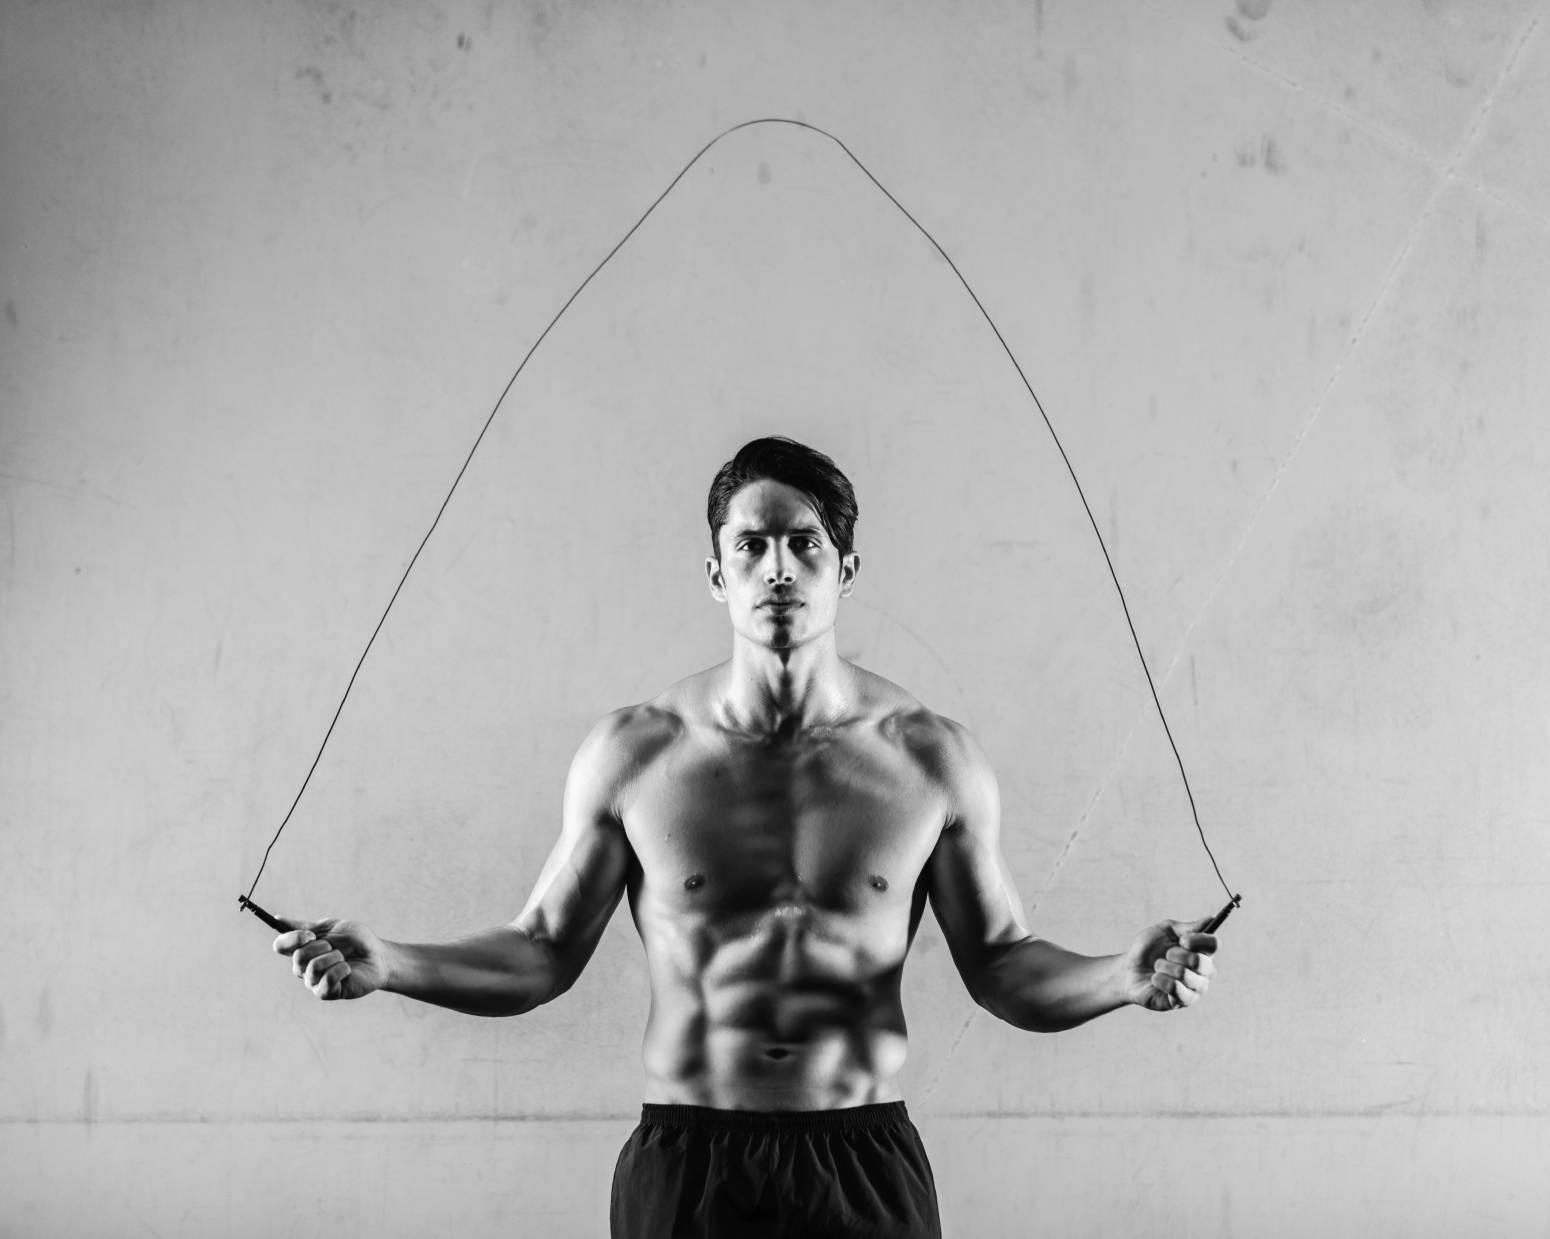 si può perdere peso saltando la corda